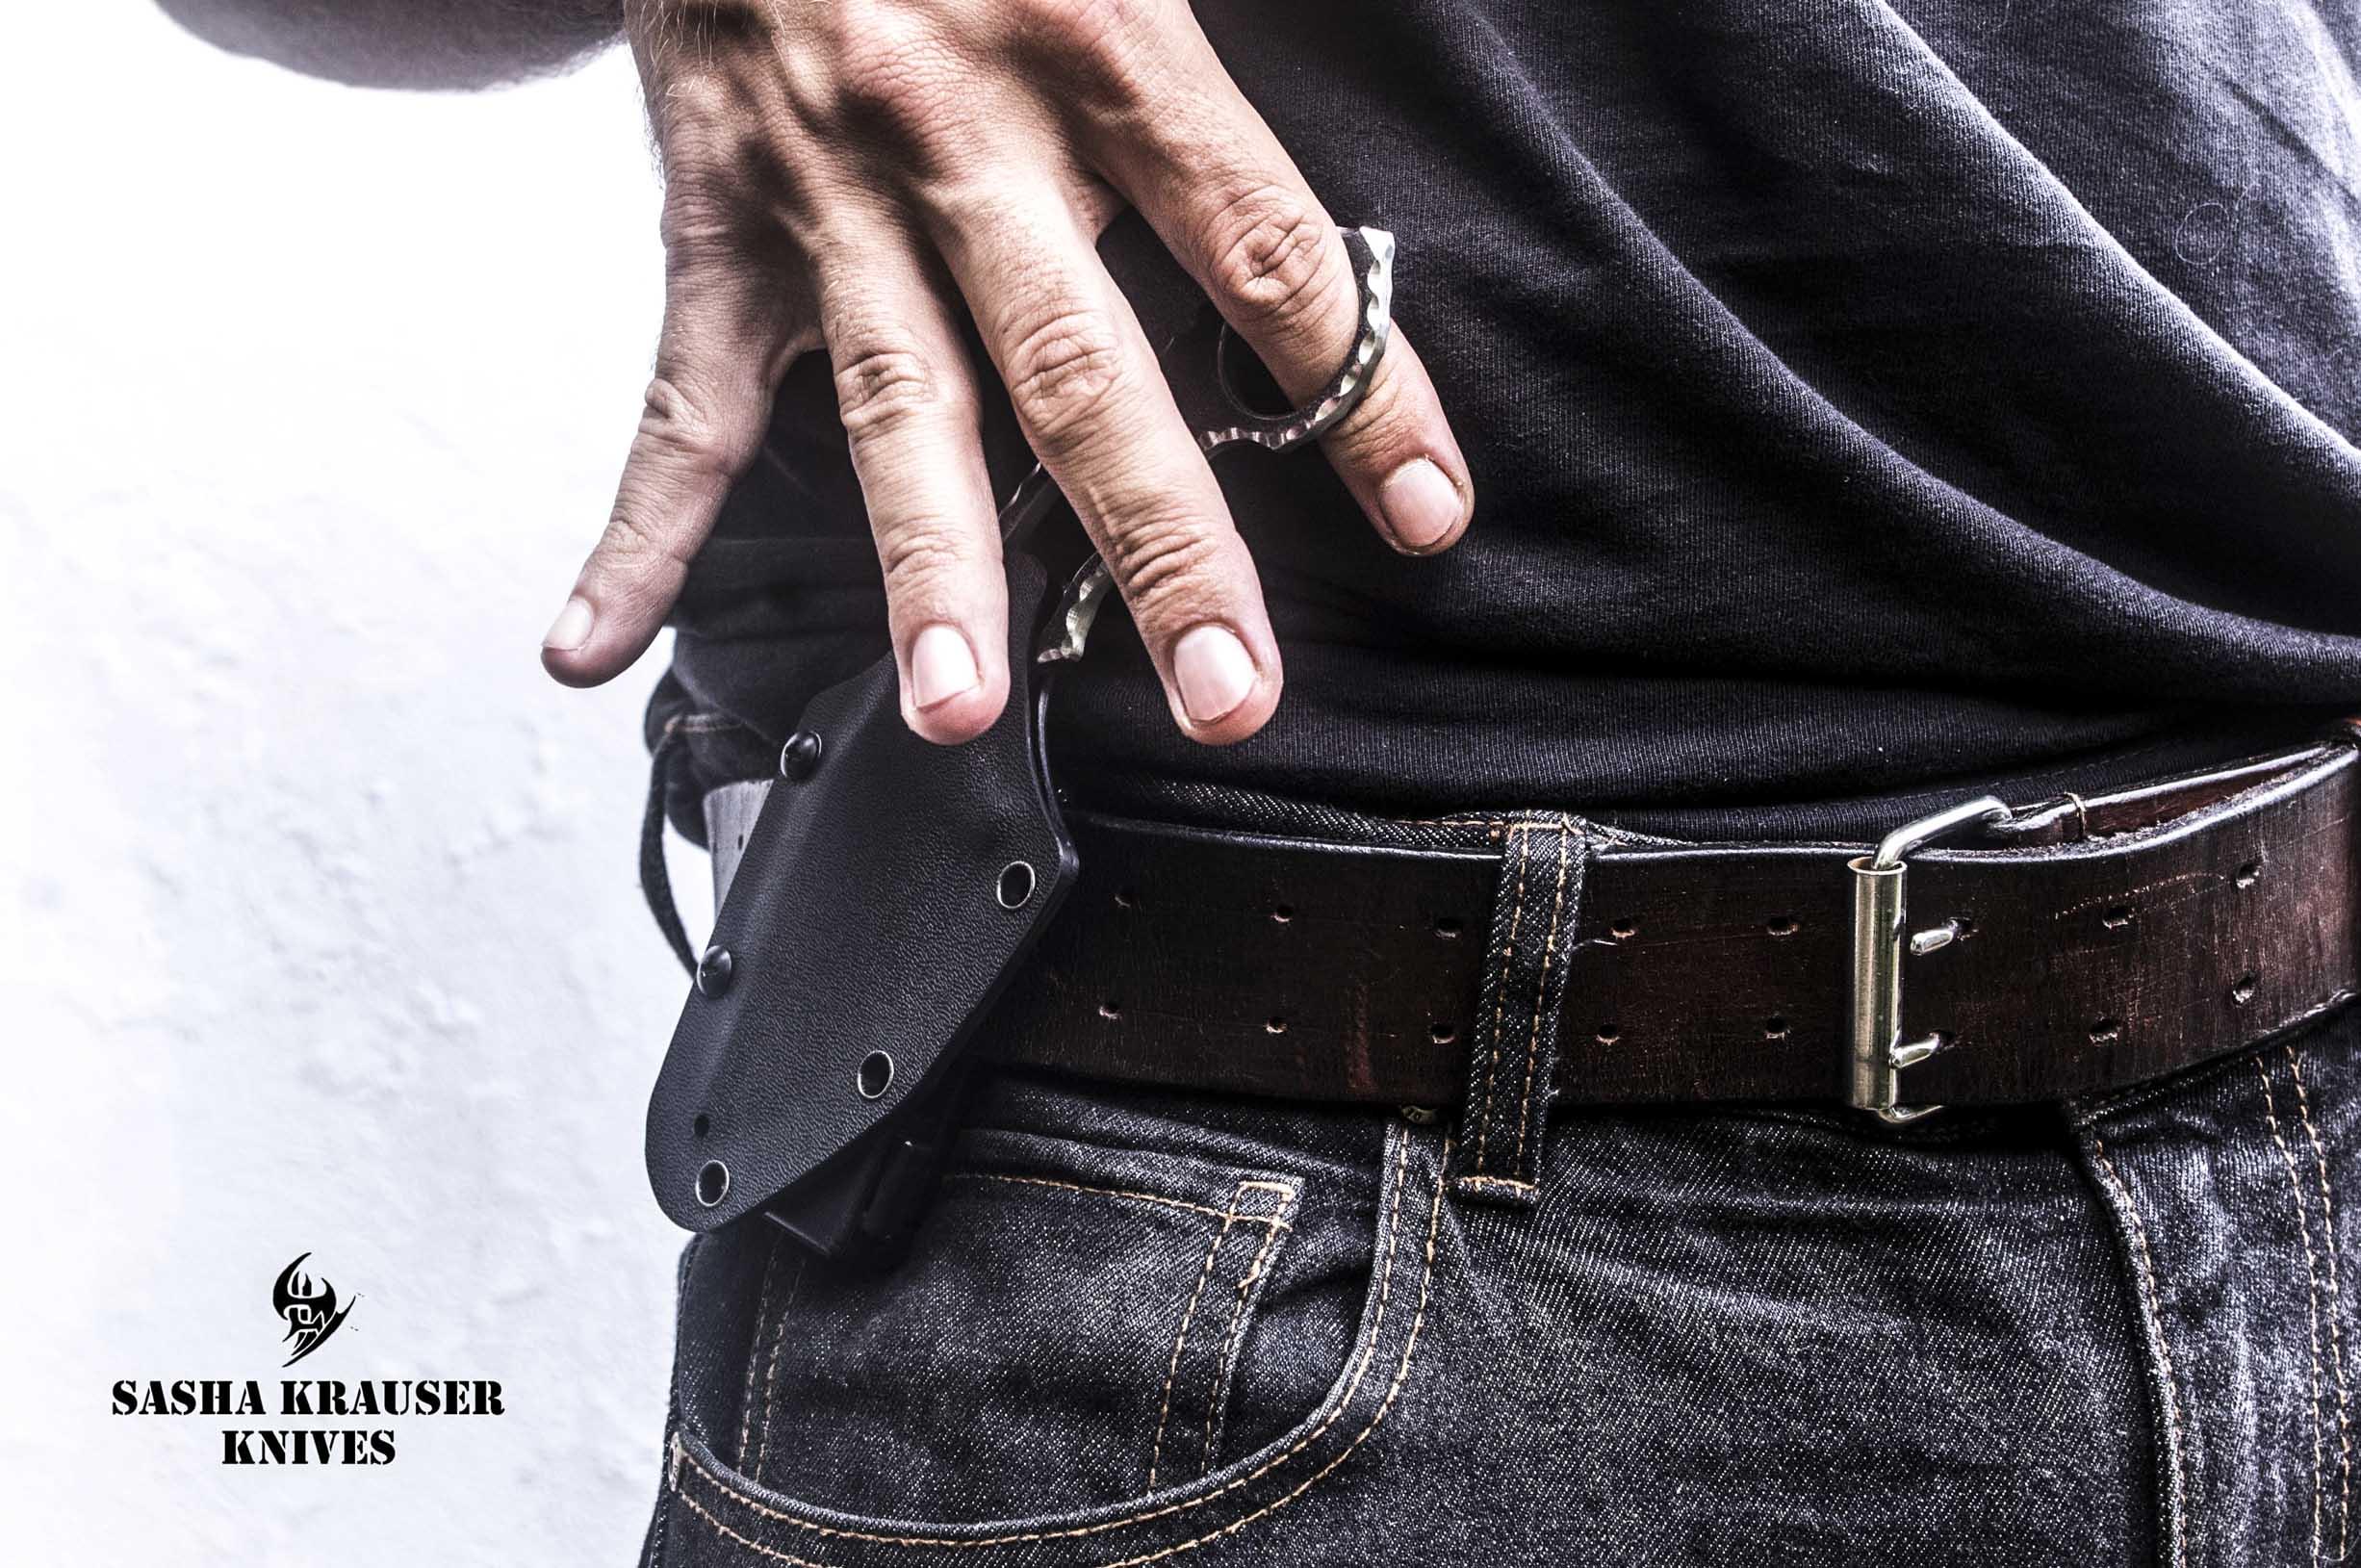 Backup karambit tanto gun knife